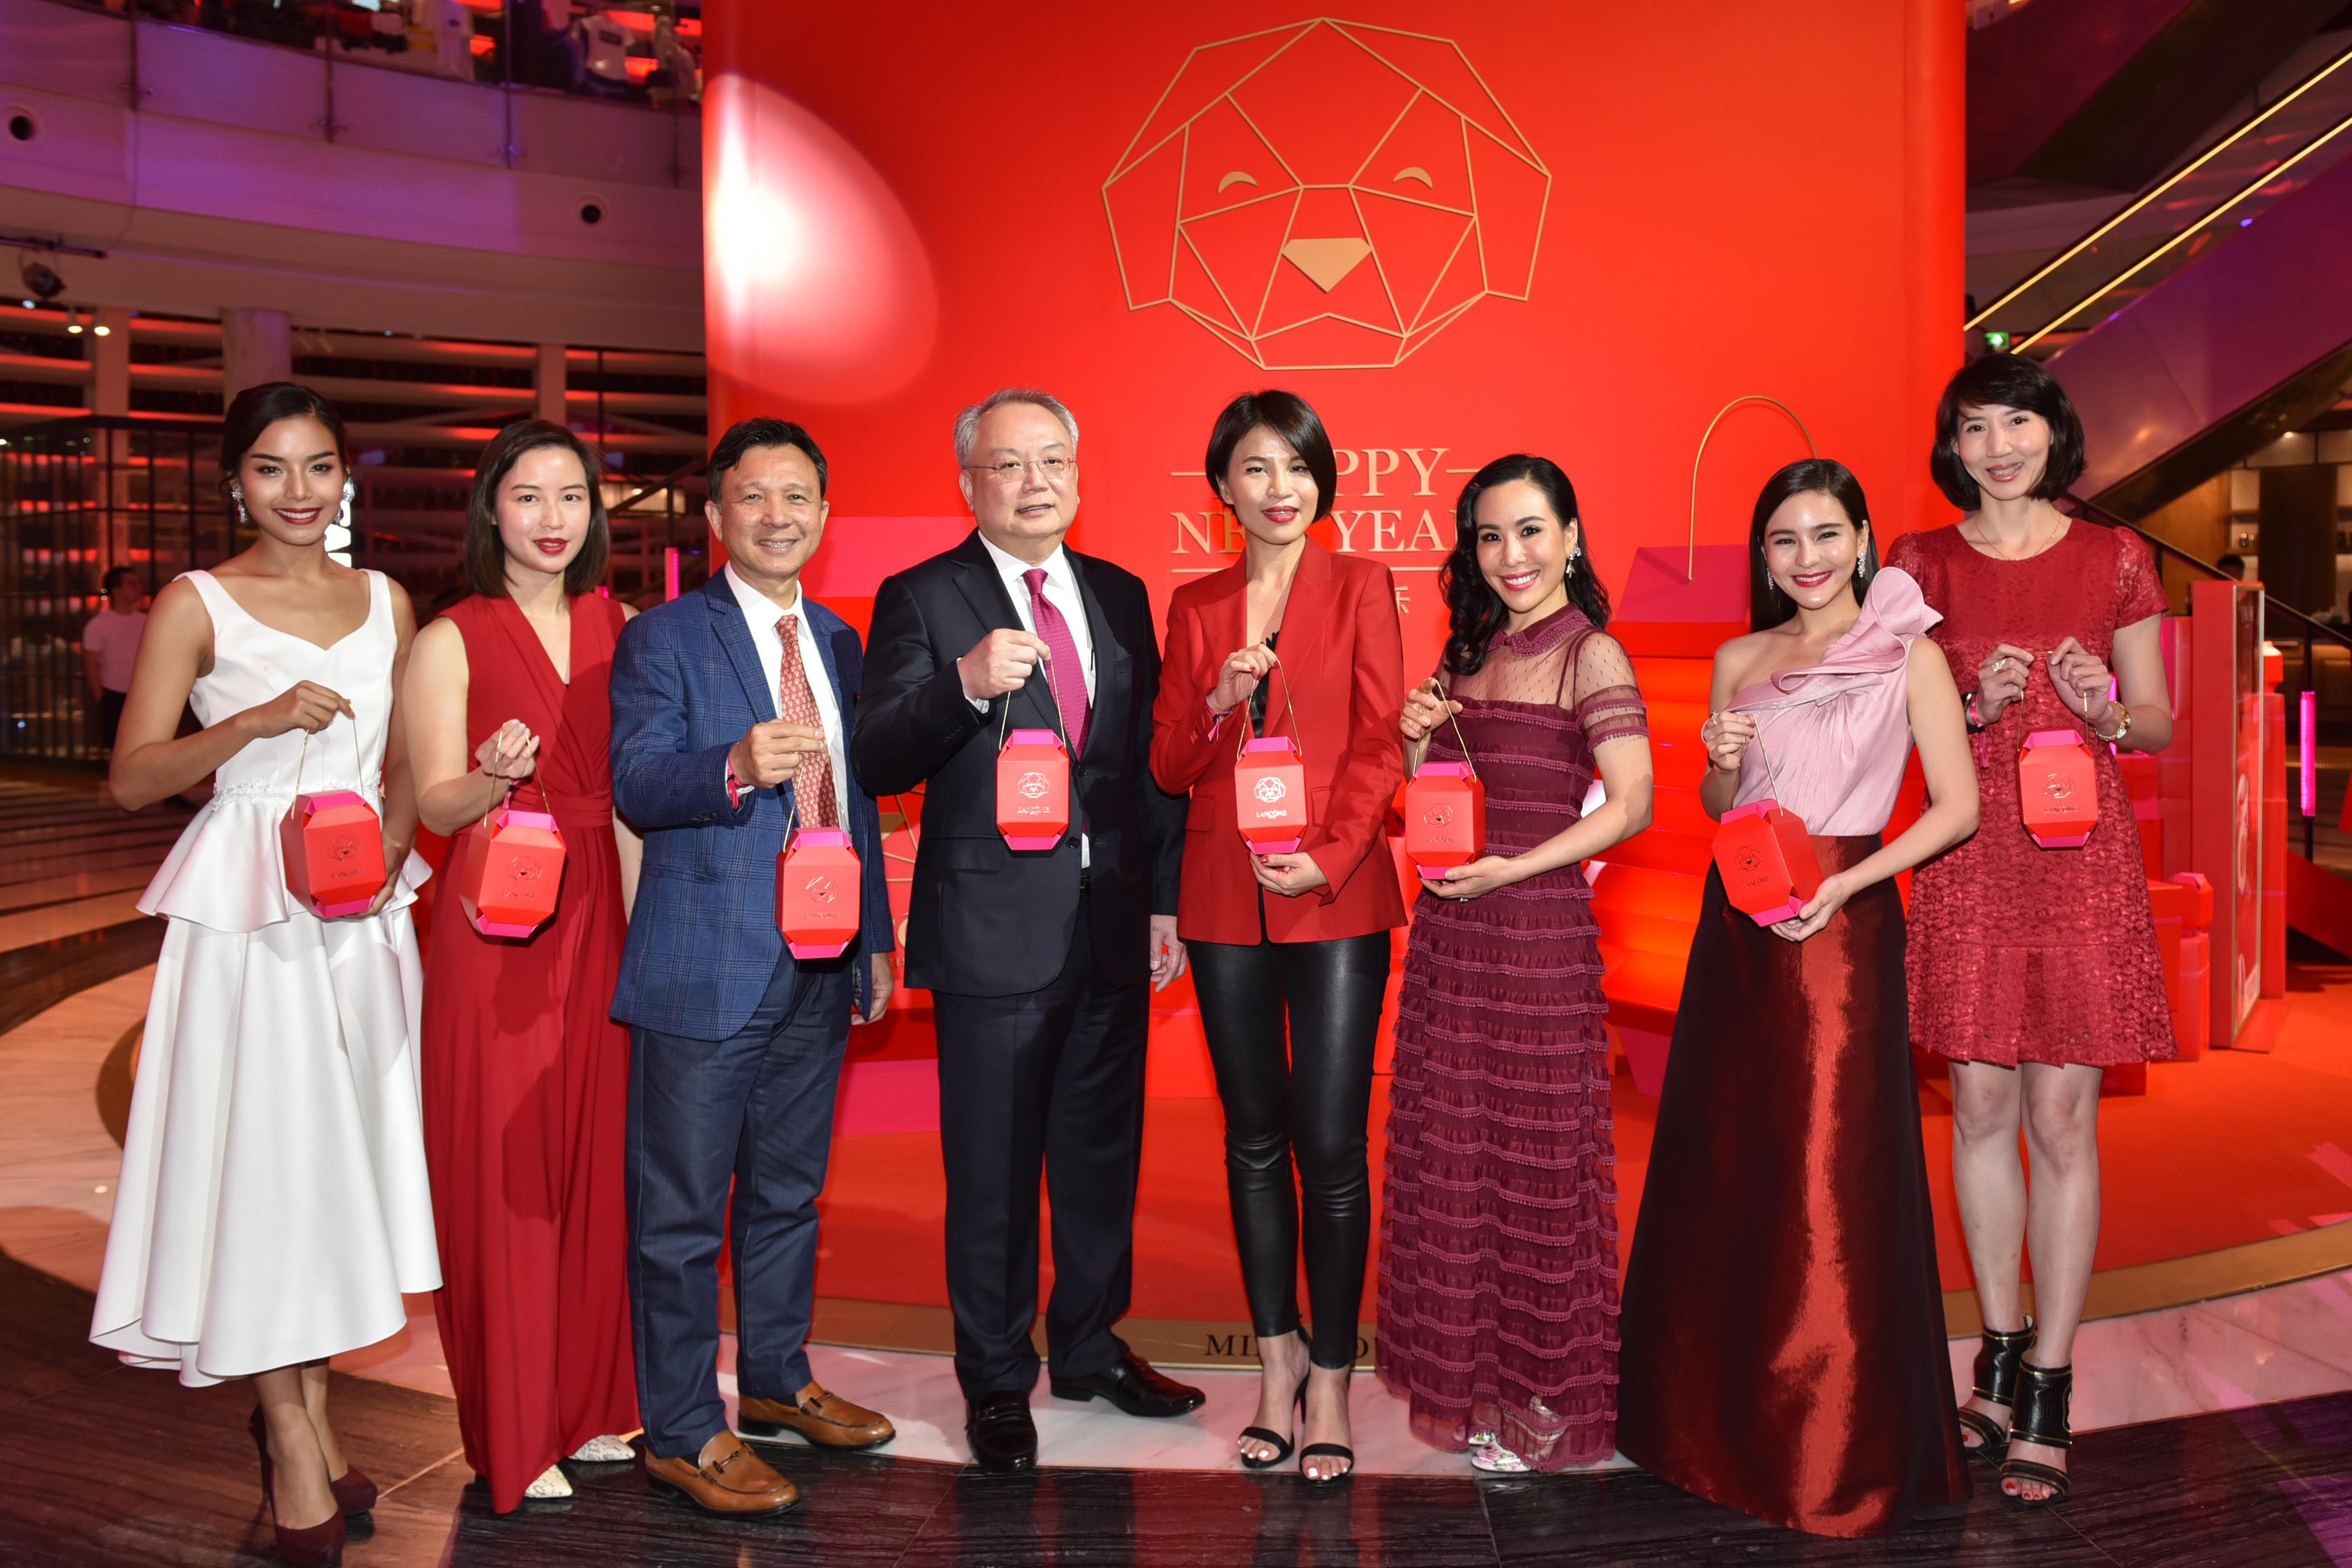 เปิดตัว Pop-up Store ของแบรนด์ลังโคมที่ คิง เพาเวอร์ รางน้ำ ต้อนรับเทศกาลตรุษจีน